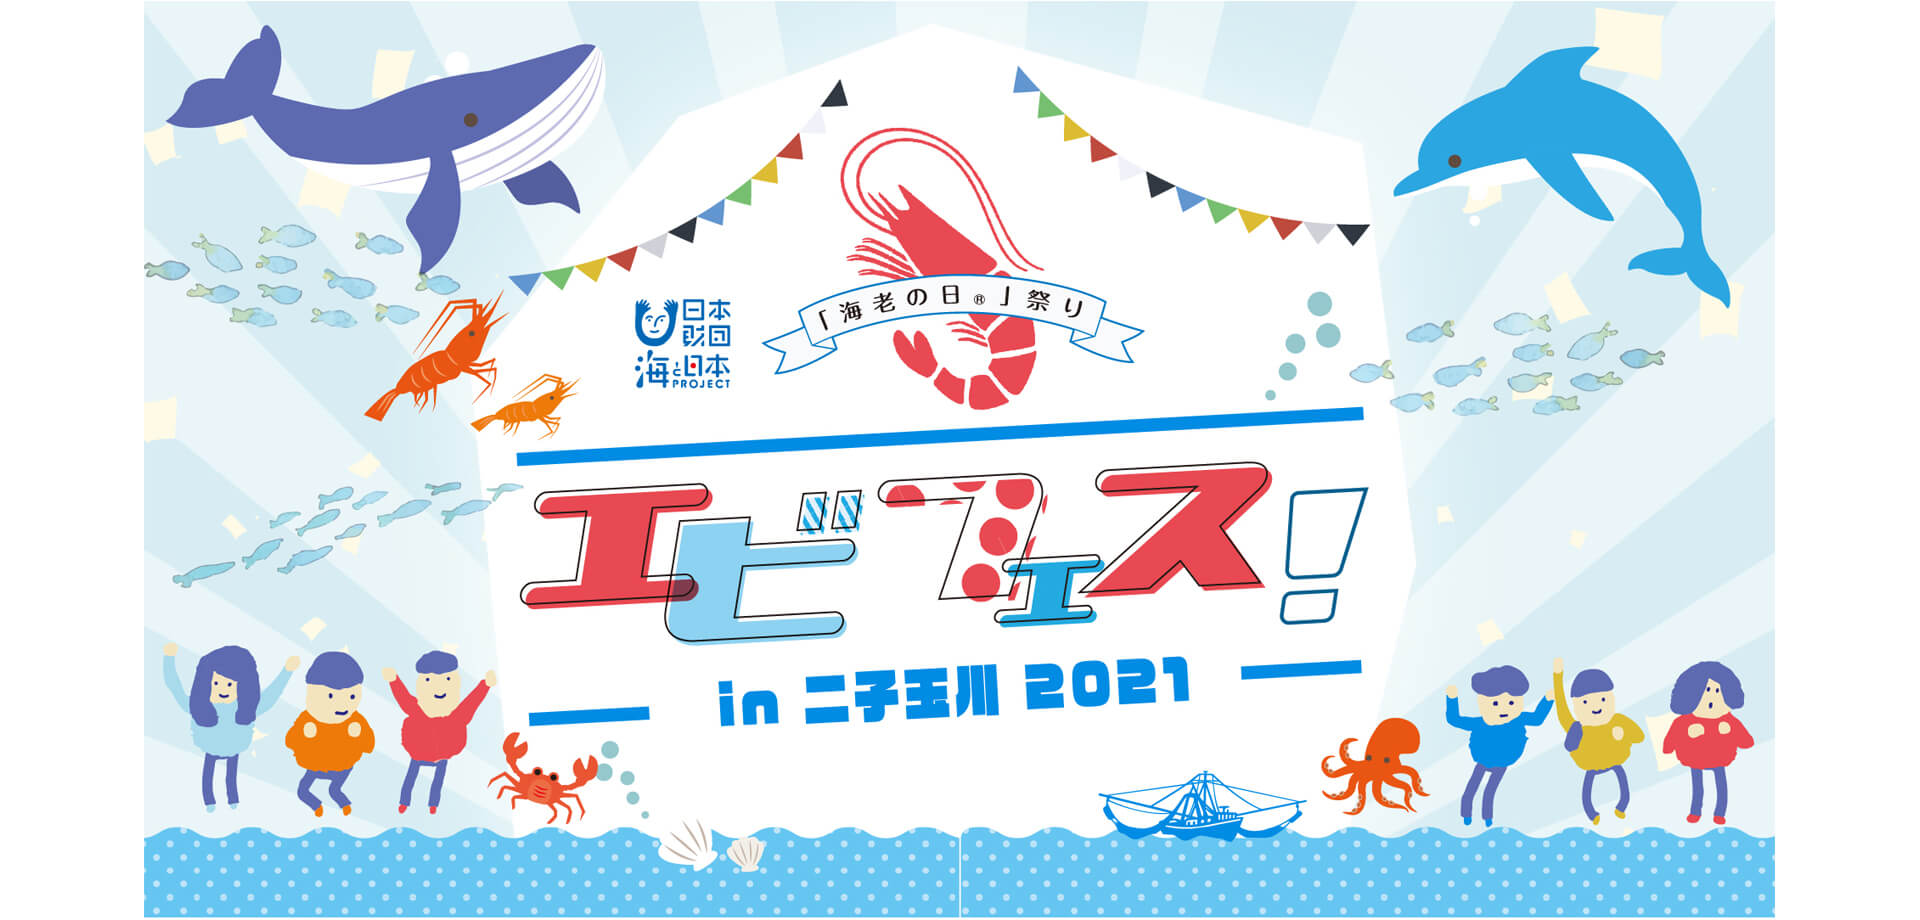 「エビフェス!2021」 「海のごちそうフェスティバル」